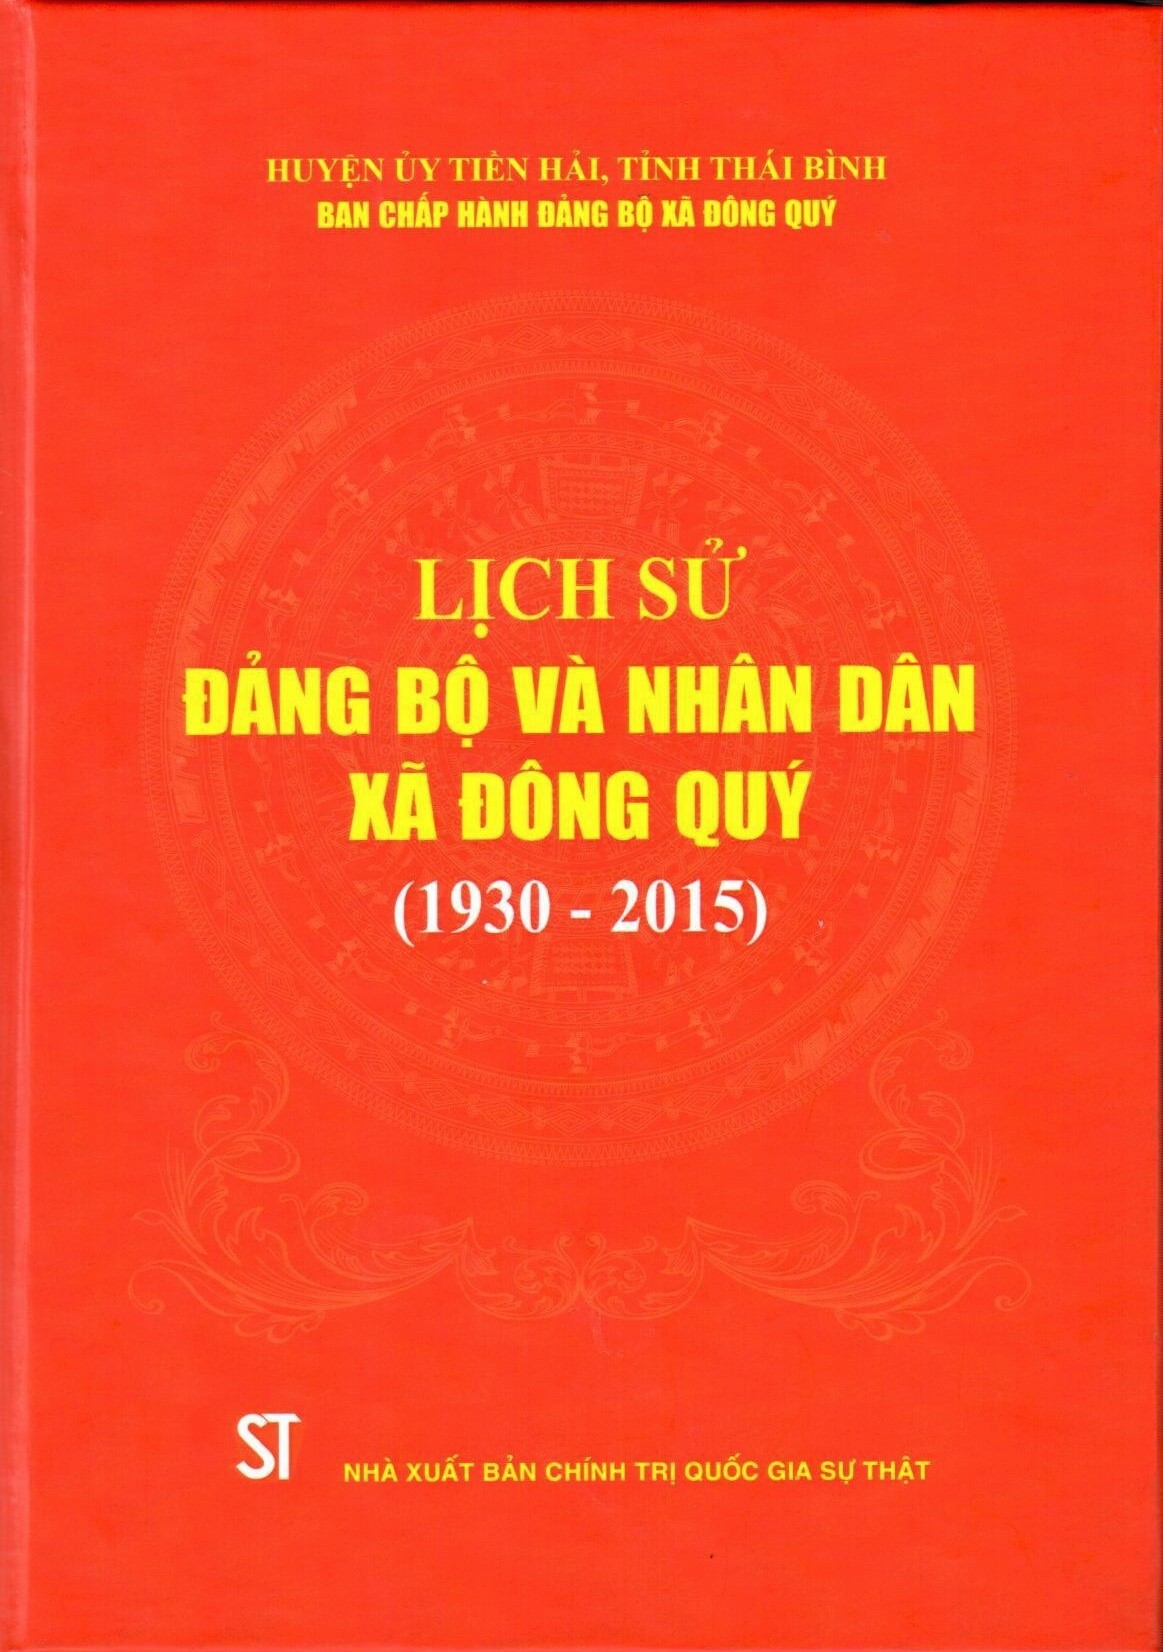 Lịch sử Đảng bộ nhân dân xã Đông Quý (1930 - 2015)